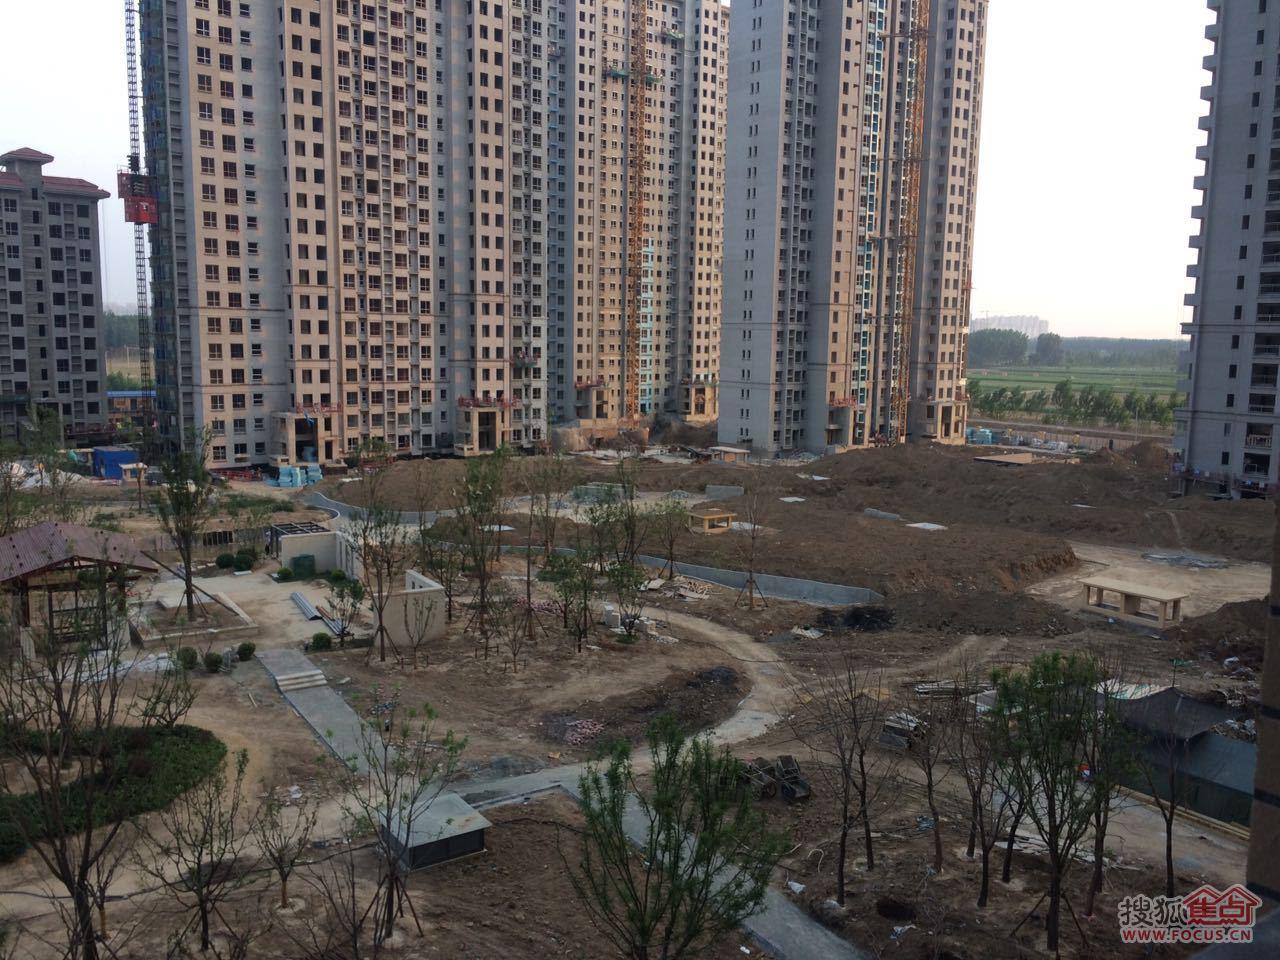 荣盛白鹭岛图片-荣盛白鹭岛相册-北京业主论坛-搜狐